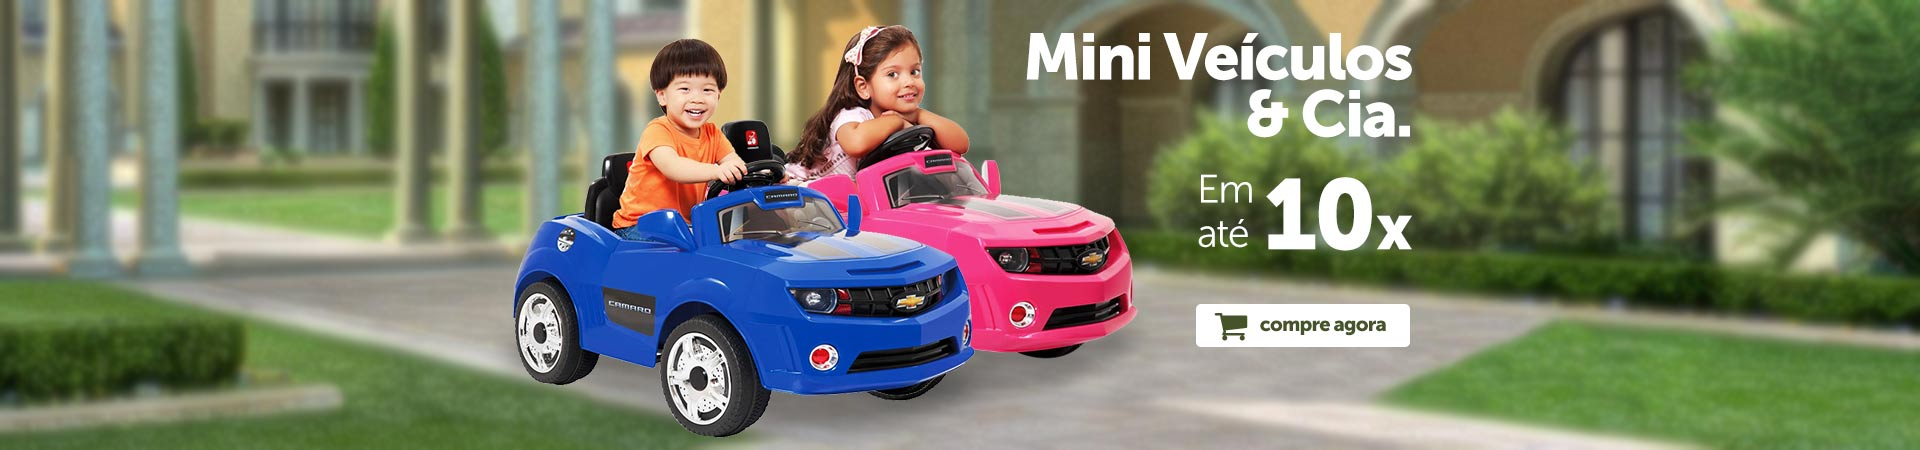 Mini Veículos